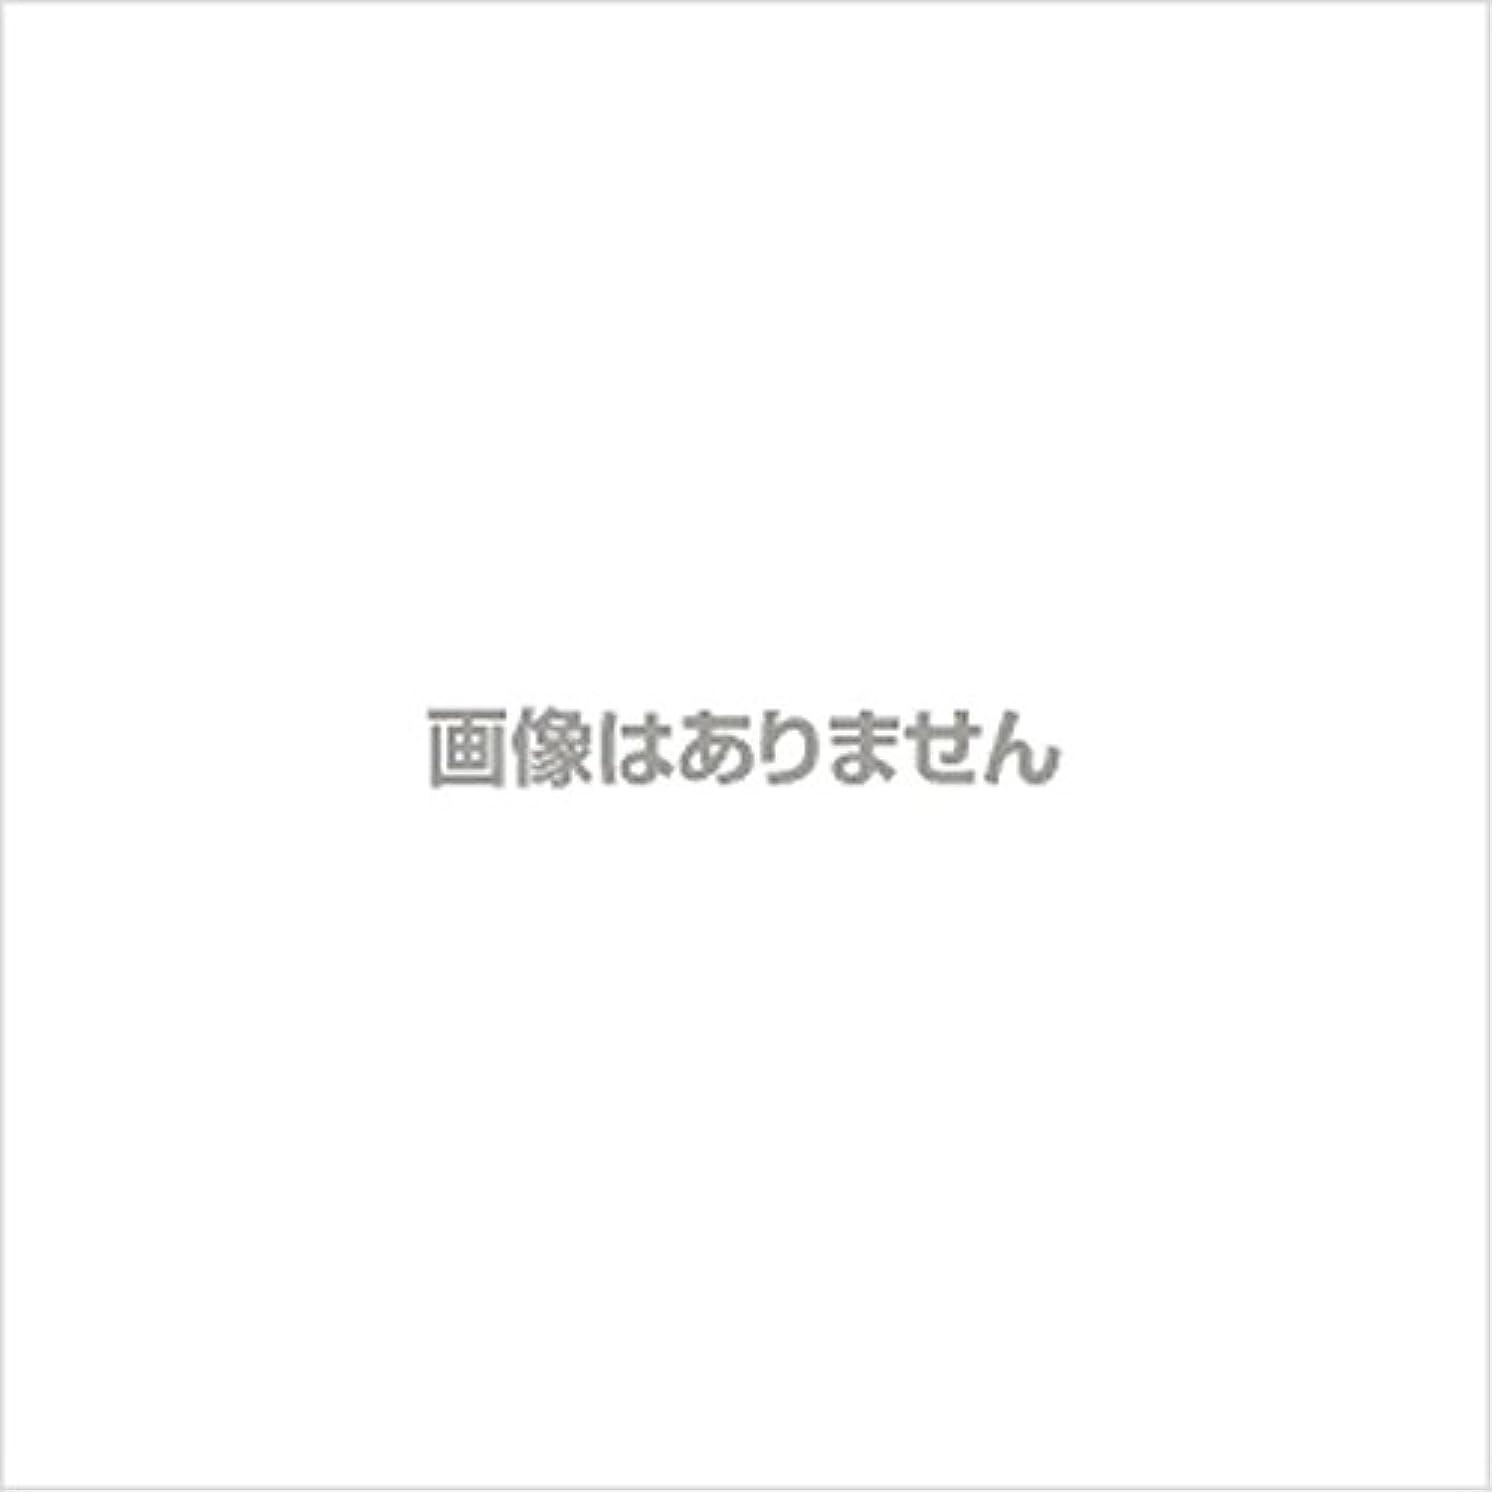 冗談で苛性発症【新発売】EBUKEA エブケアNO1002 プラスチックグローブ(粉付)Mサイズ 100枚入(極薄?半透明)